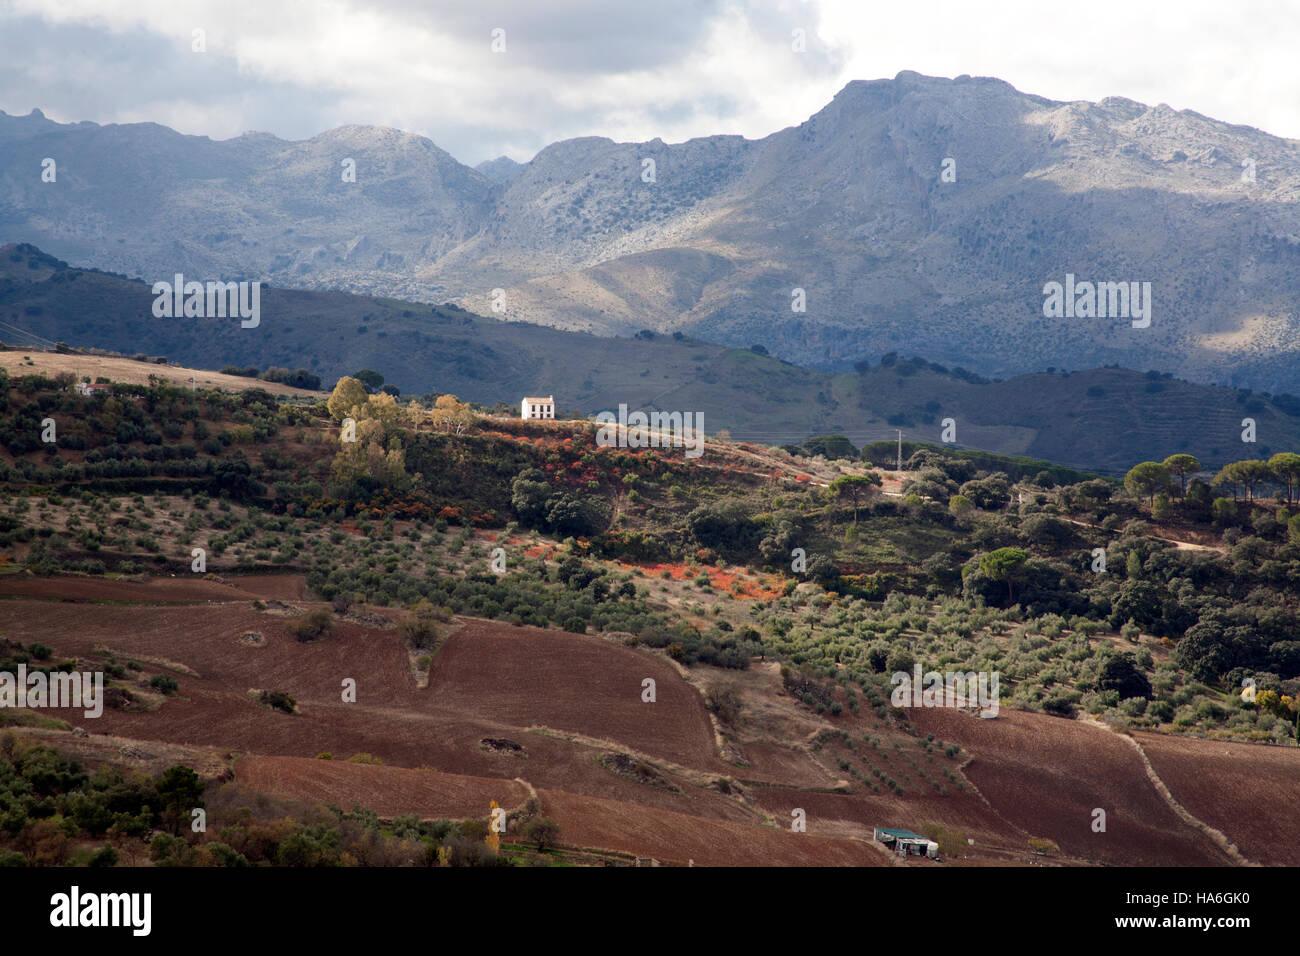 Serranía de Ronda mountains, Ronda Andalucia Spain - Stock Image